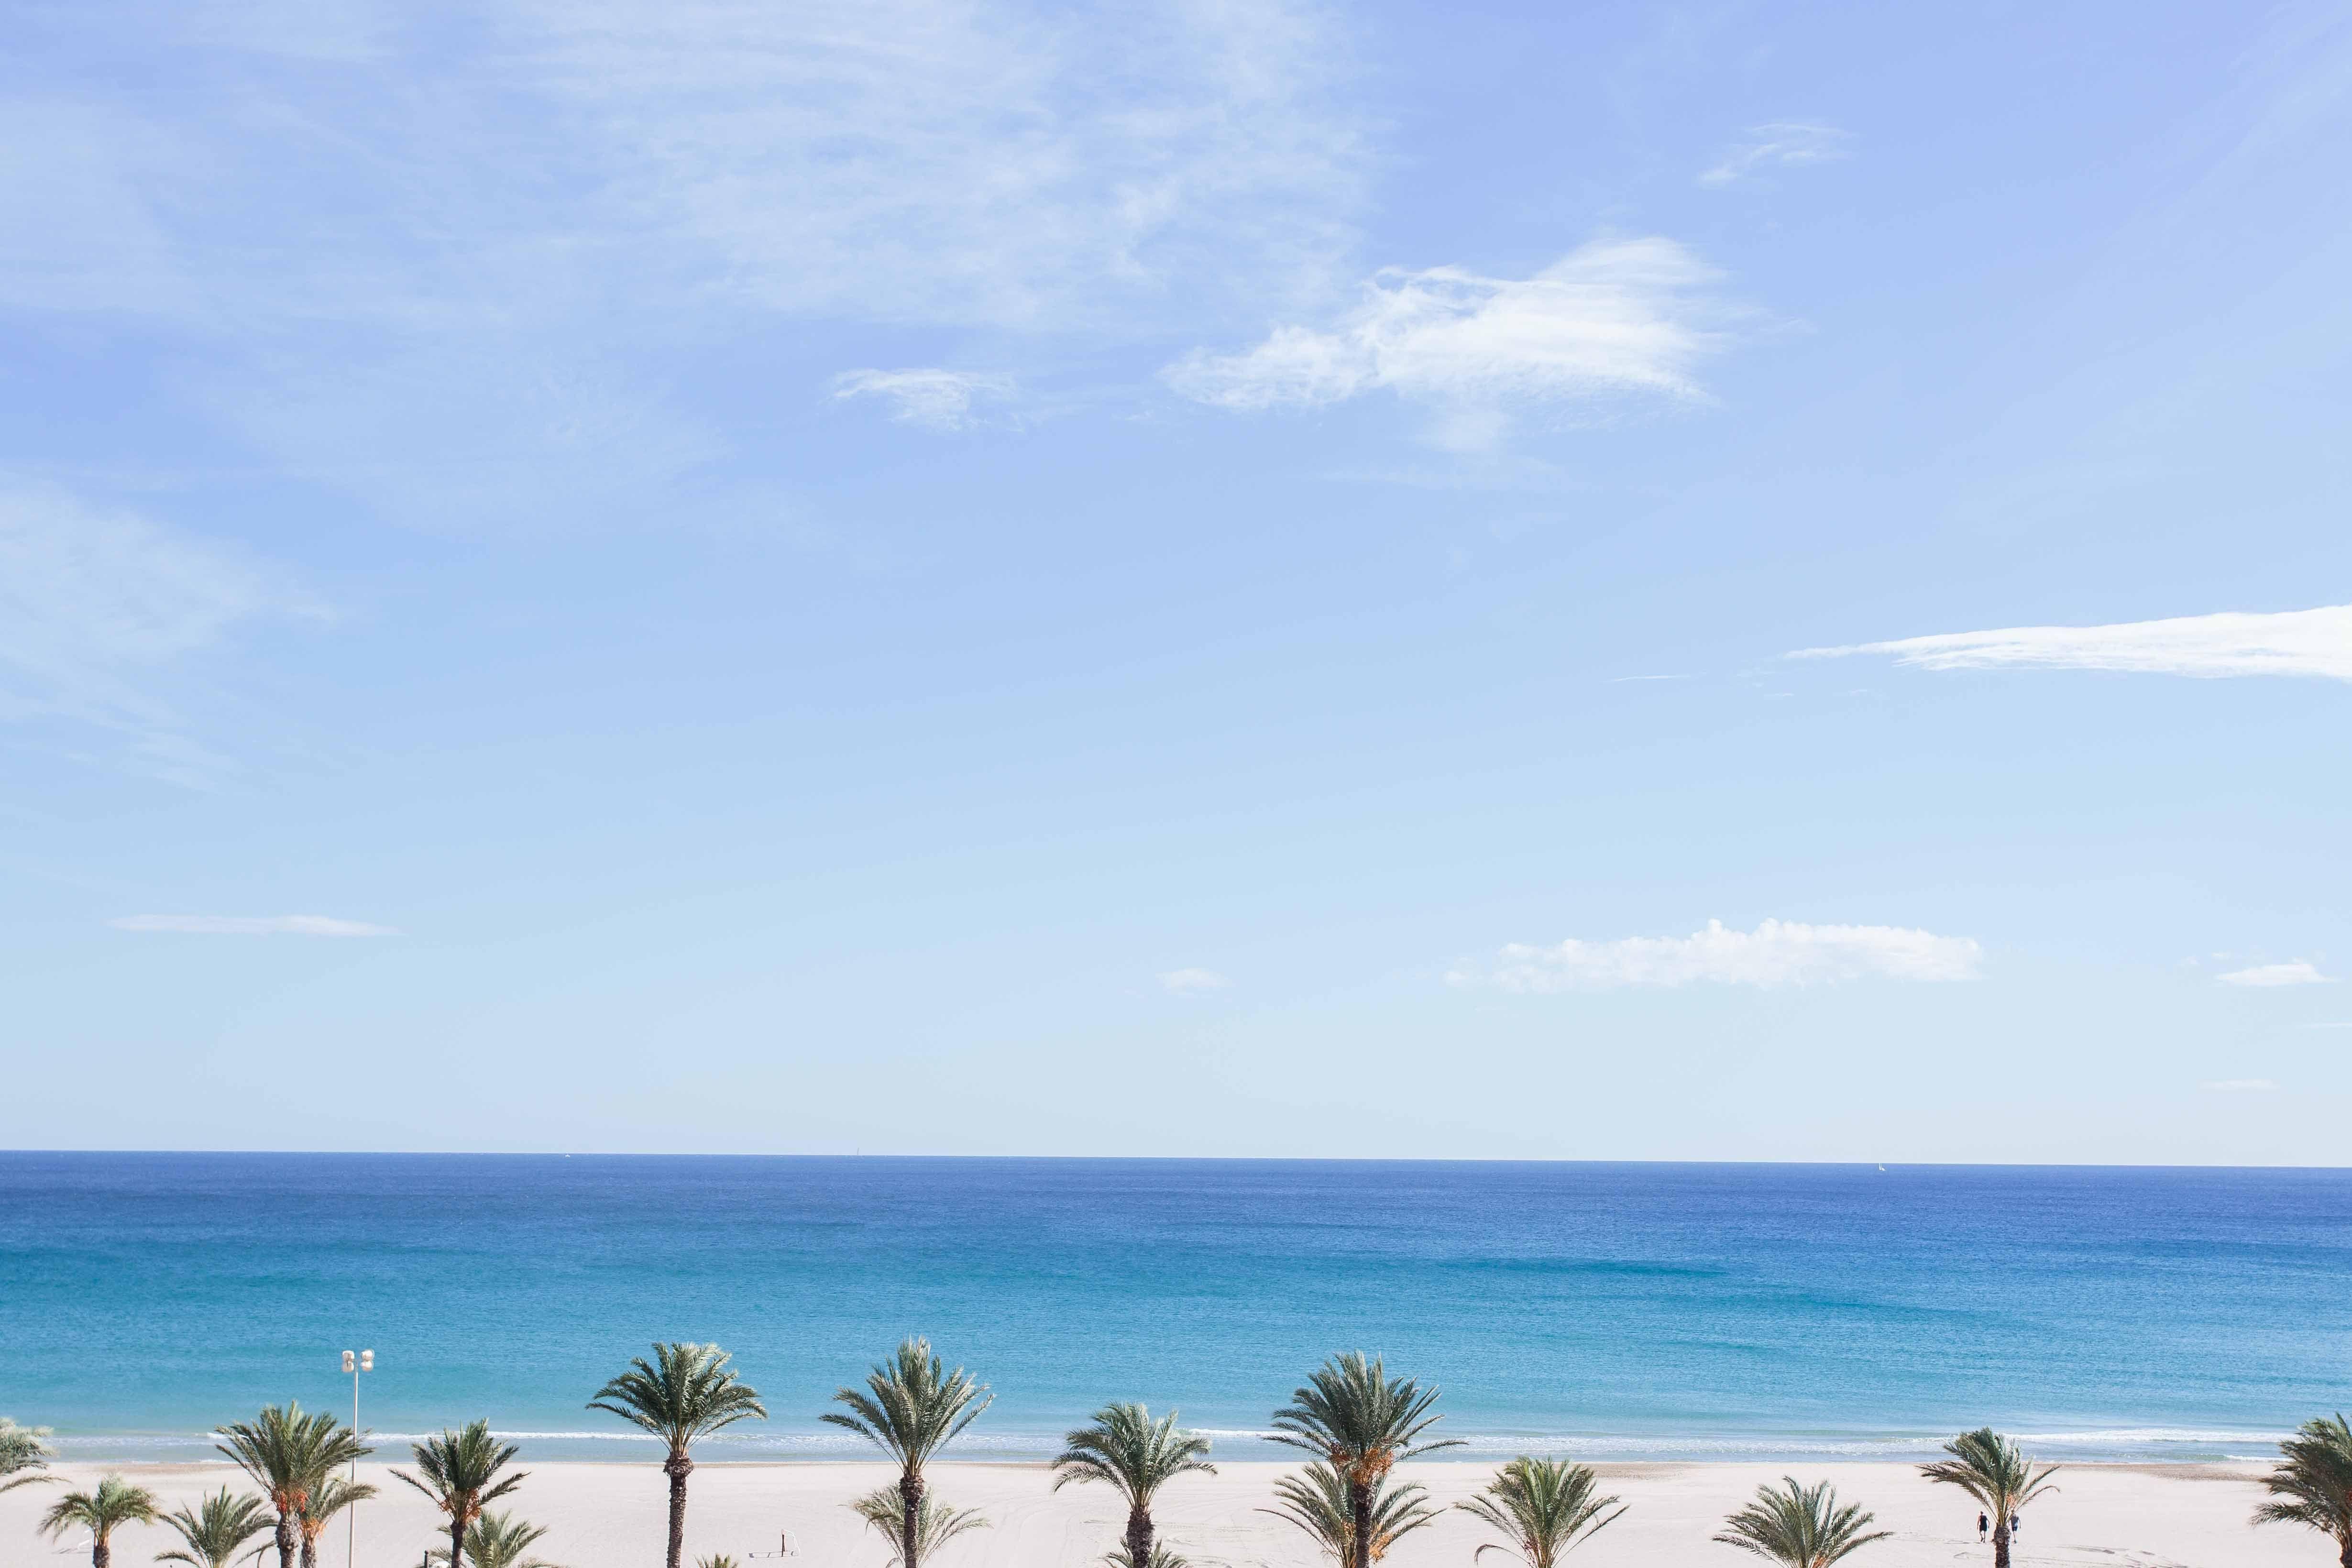 vistas playa con palmeras hotel almirante